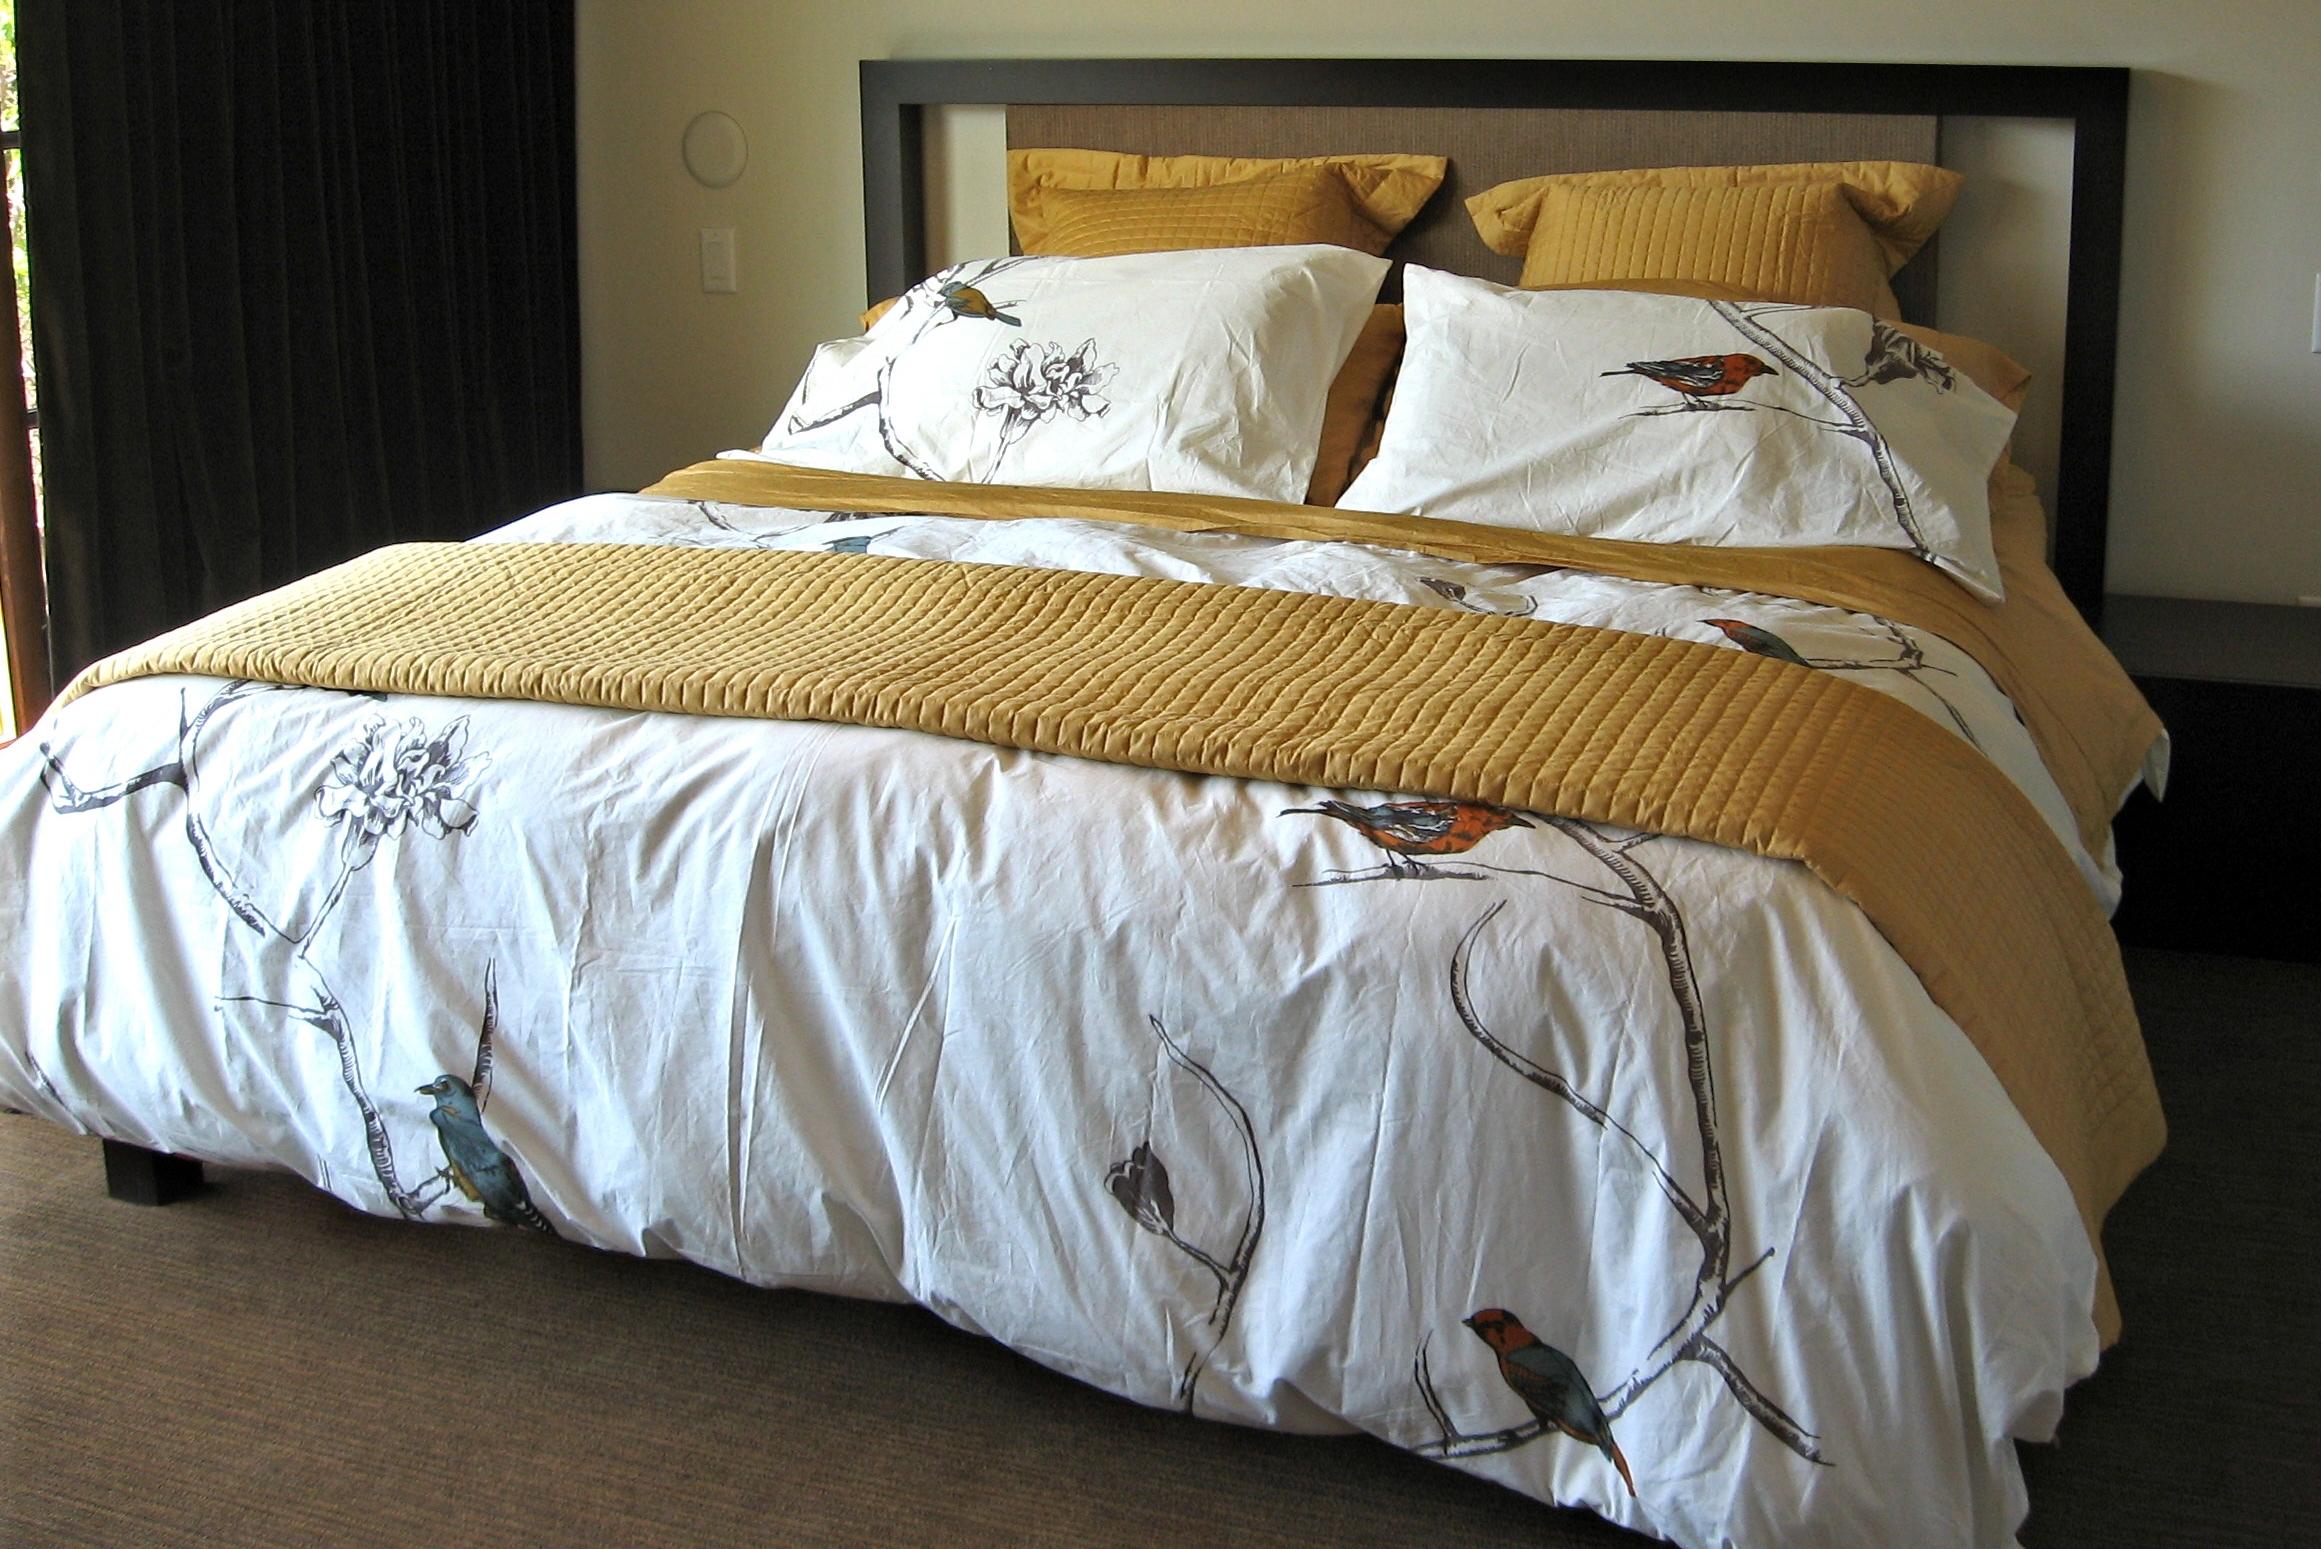 custom-wood-upholstered-queen-bed-frame.JPG